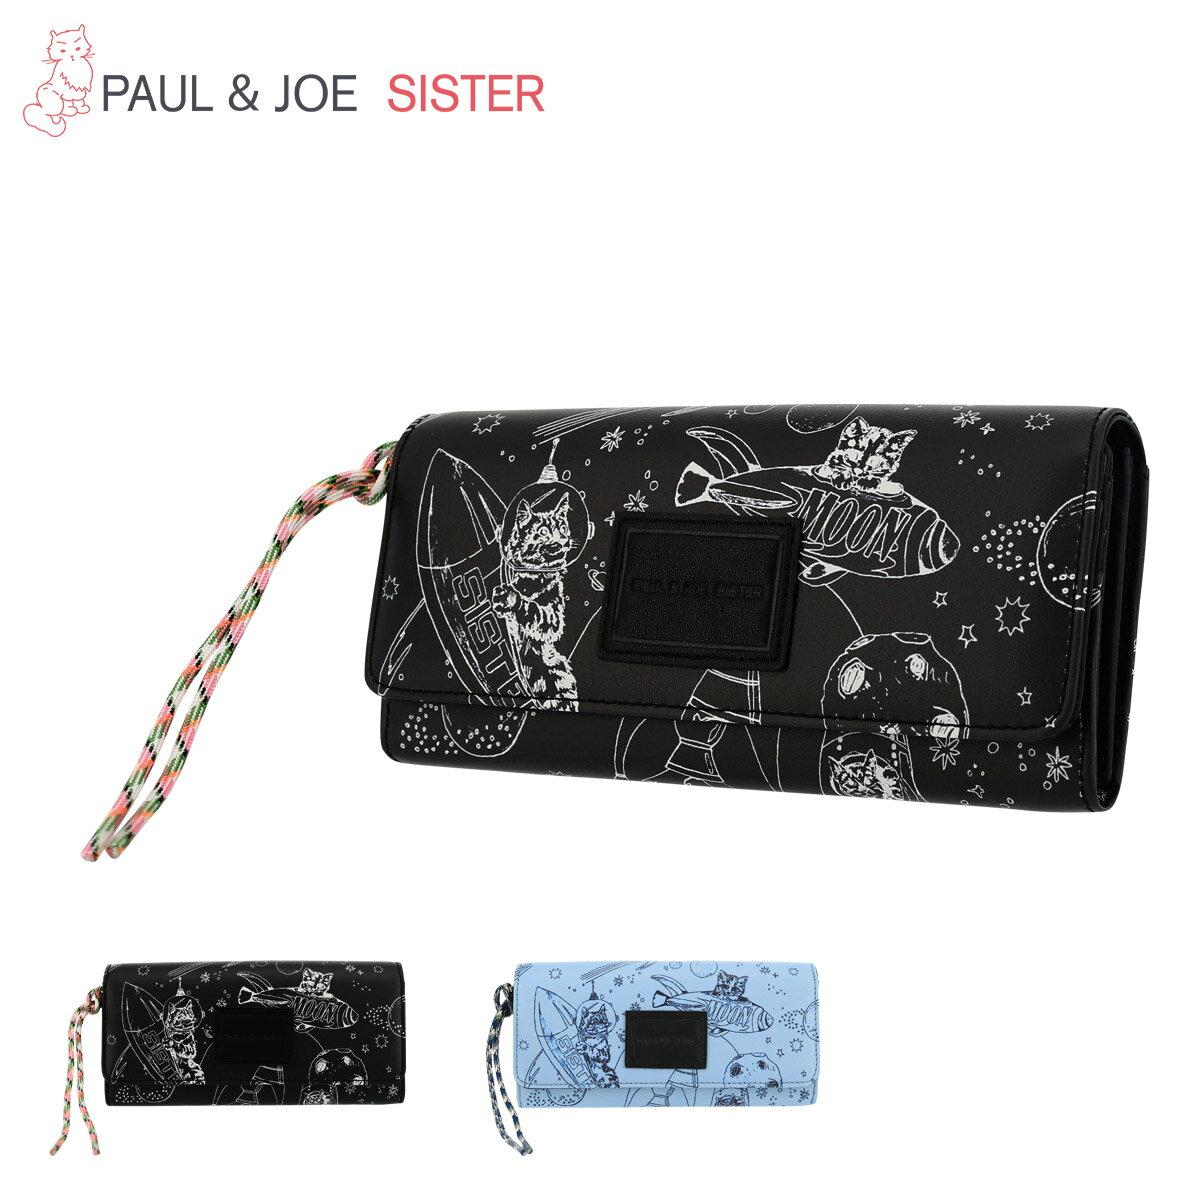 ポールアンドジョーシスター 長財布 スペースキャットトラベラーズ レディース PJS-W211 ポールアンドジョー PAUL&JOE SISTER   猫 ブランド専用BOX付き[PO5]